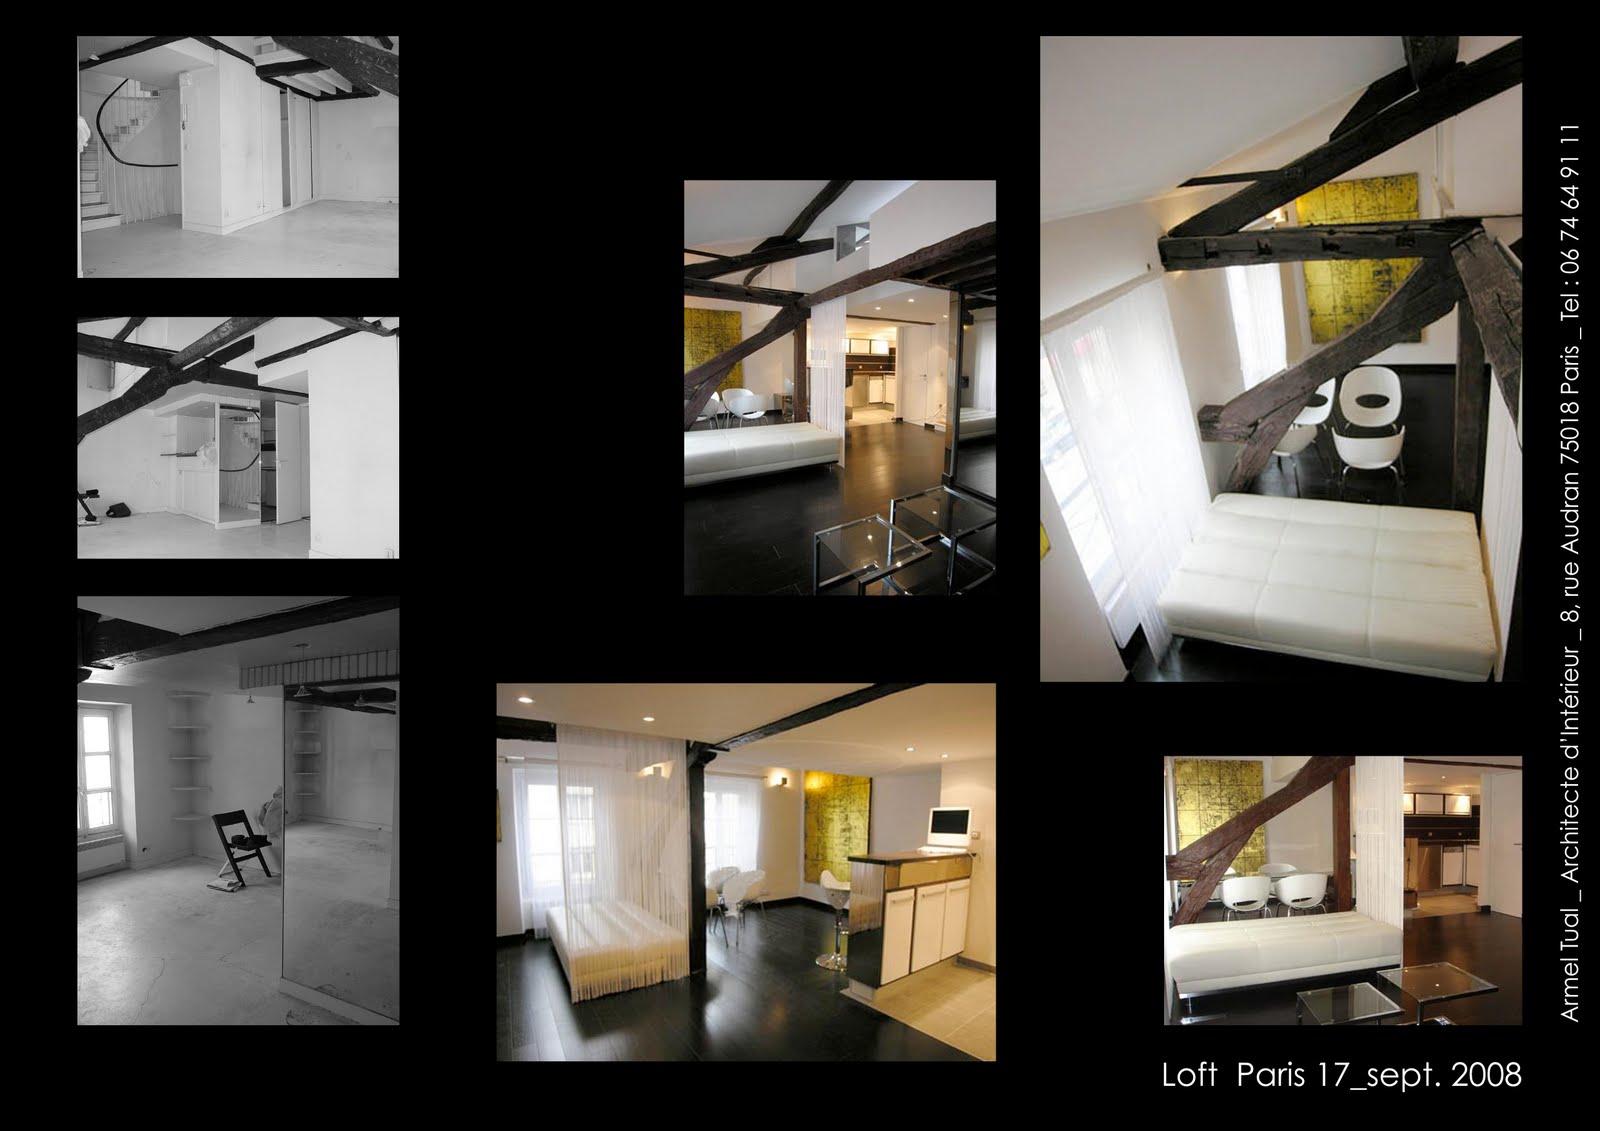 ifat cole sup rieure en architecture int rieure blog des tudiants actualit s r seau ifat. Black Bedroom Furniture Sets. Home Design Ideas